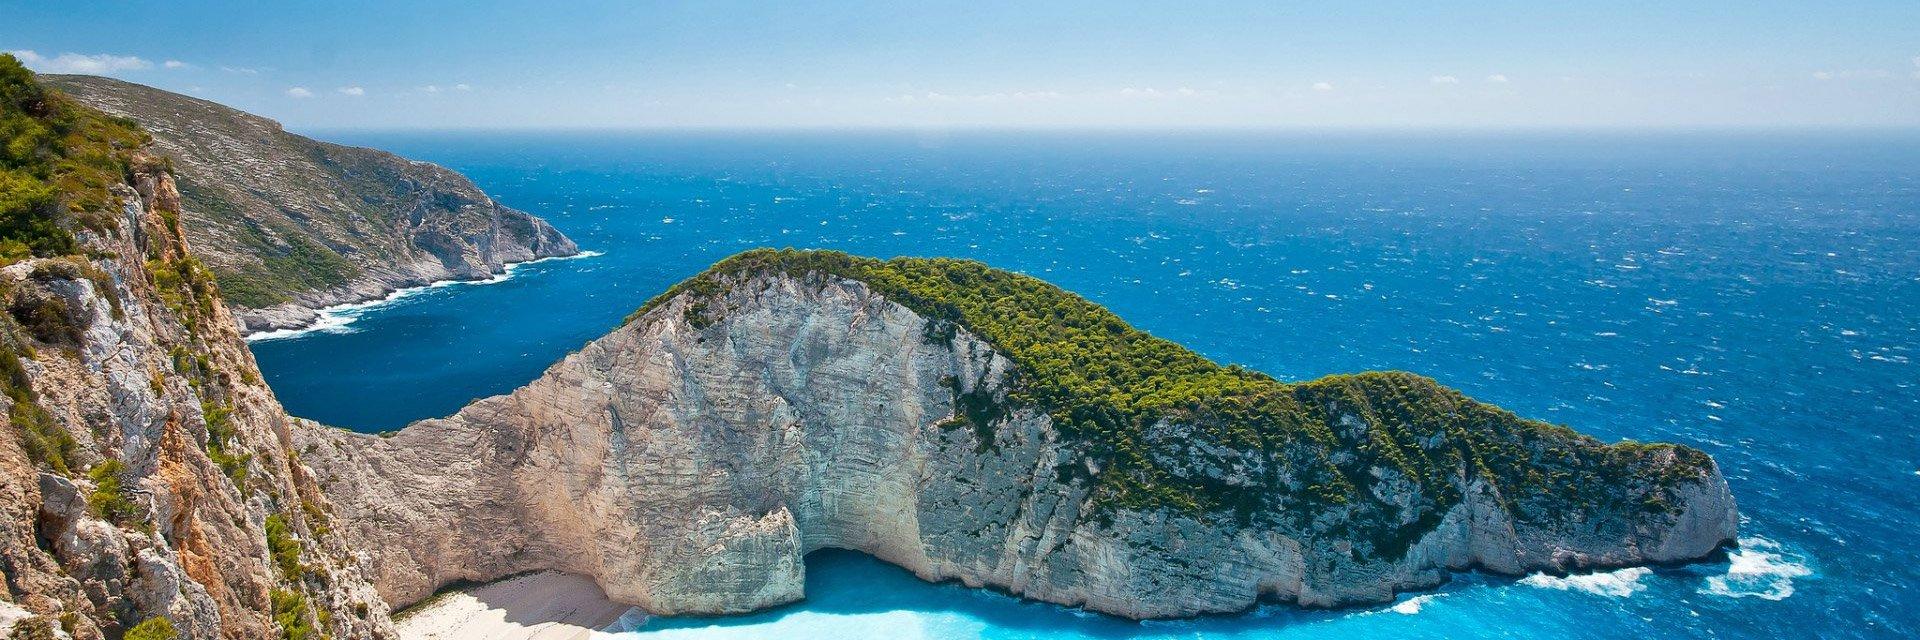 Туры в Грецию 2020, путевки из Москвы - цены на отдых в Греции - ПАКС